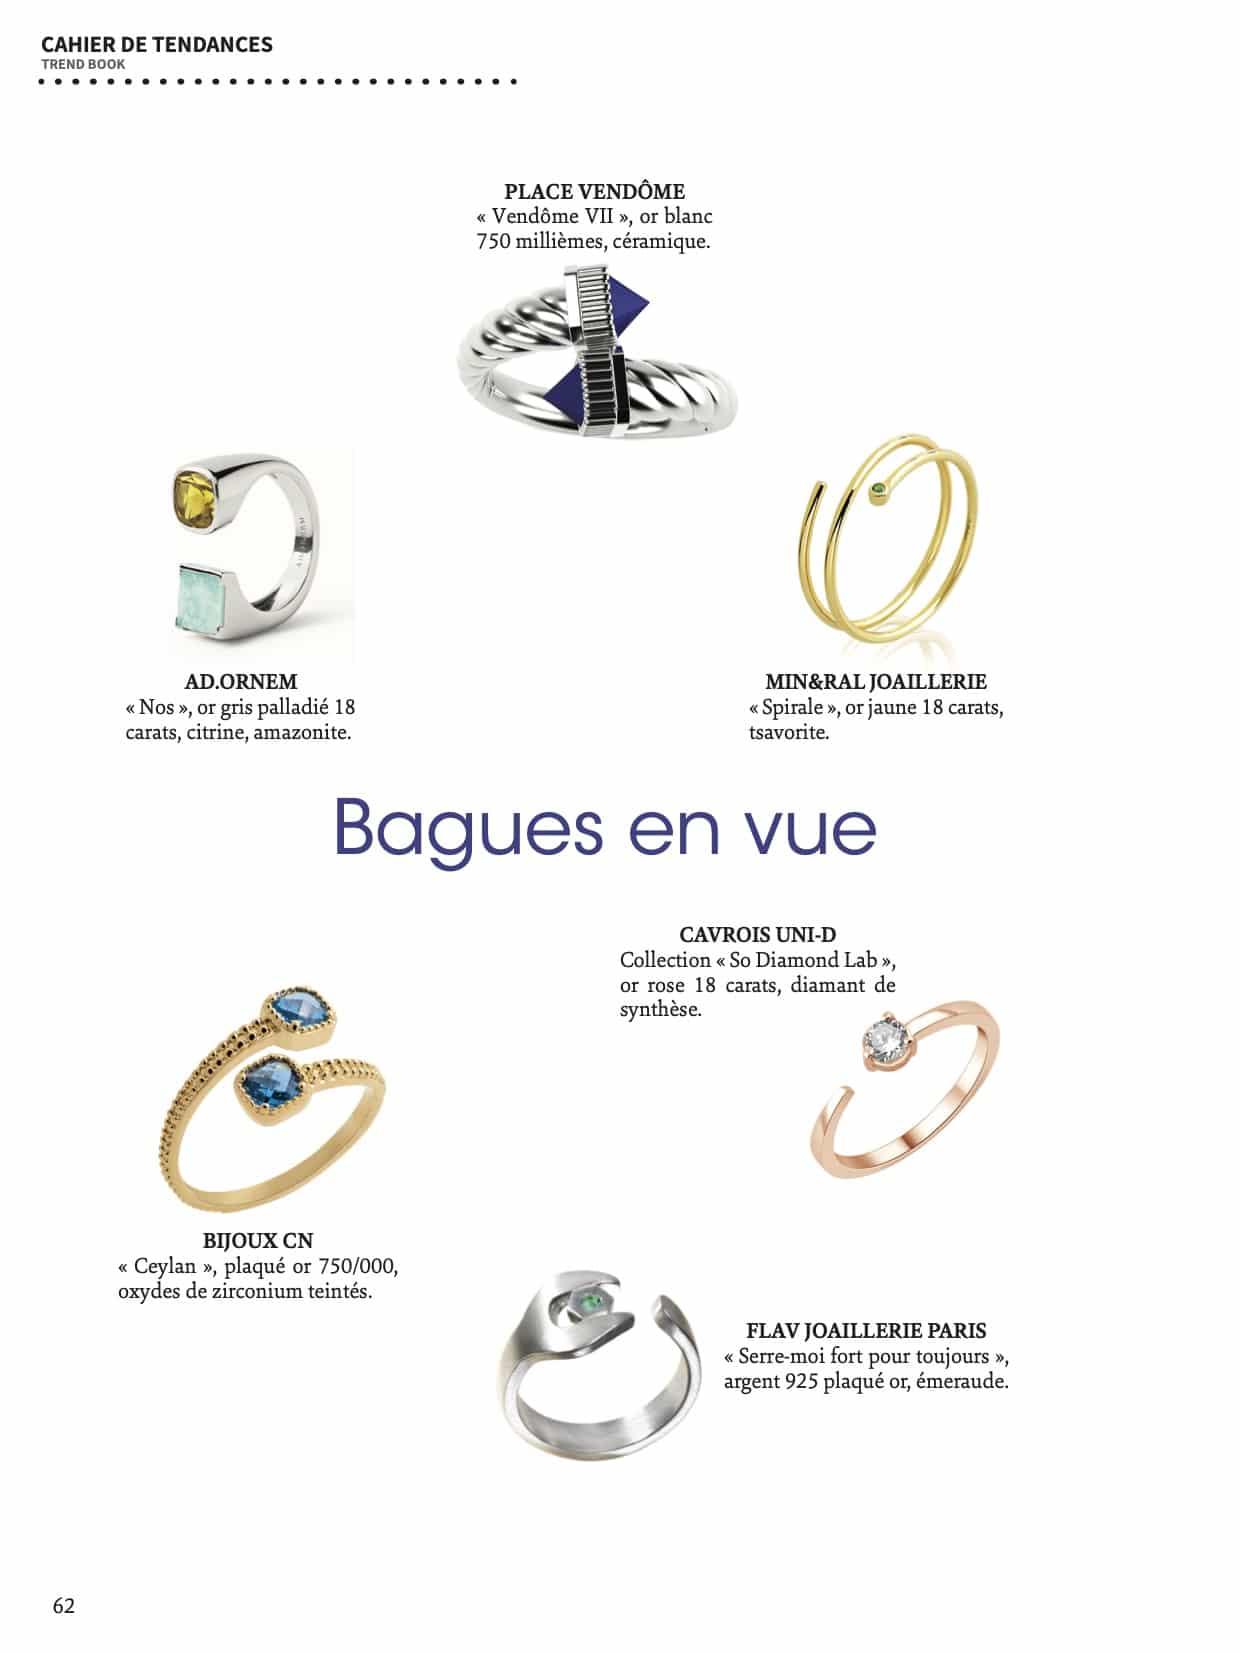 BAGUES EN VUE_LE BIJOUTIER - mineral joaillerie